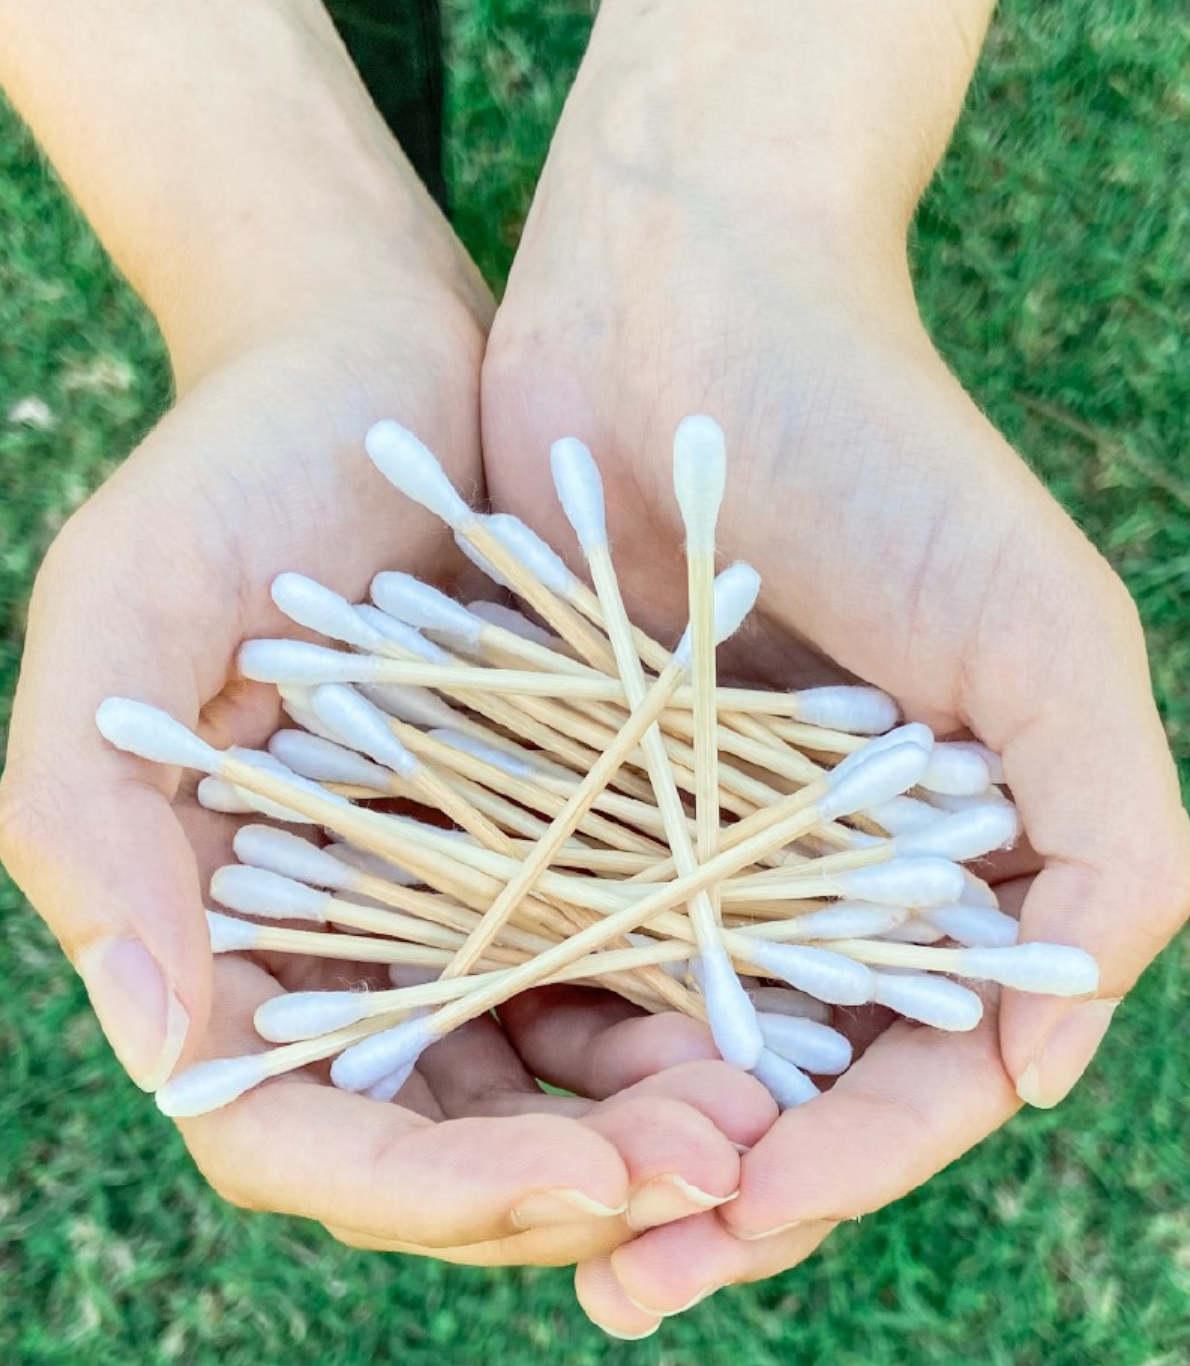 Na imagem vê-se as mãos de uma pessoa abertas em concha, cheias de cotonetes de bambu e de algodão. No fundo dessa imagem, vê-se relva no tom de verde bem vivo.